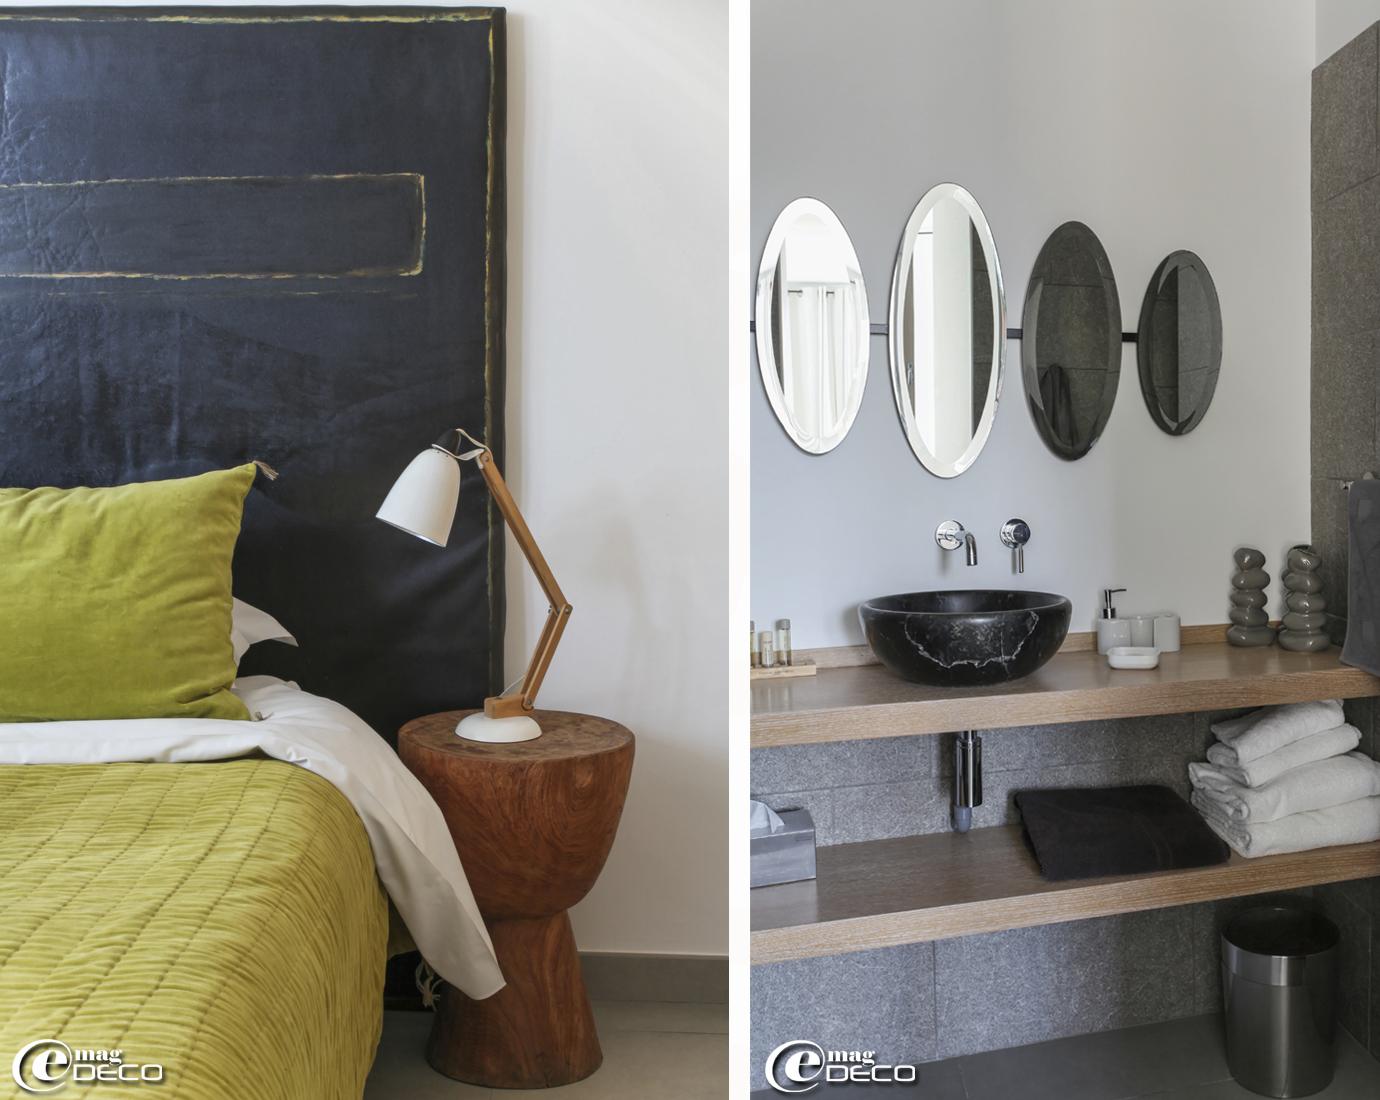 Toile de Voune Bohn en guise de tête de lit, couvre-lit et coussin en velours lavé 'Caravane', vasque en marbre noir 'Défi-Dok' à Aubagne, miroir 'Asiatides' et robinetterie 'Cristina Ondyna'